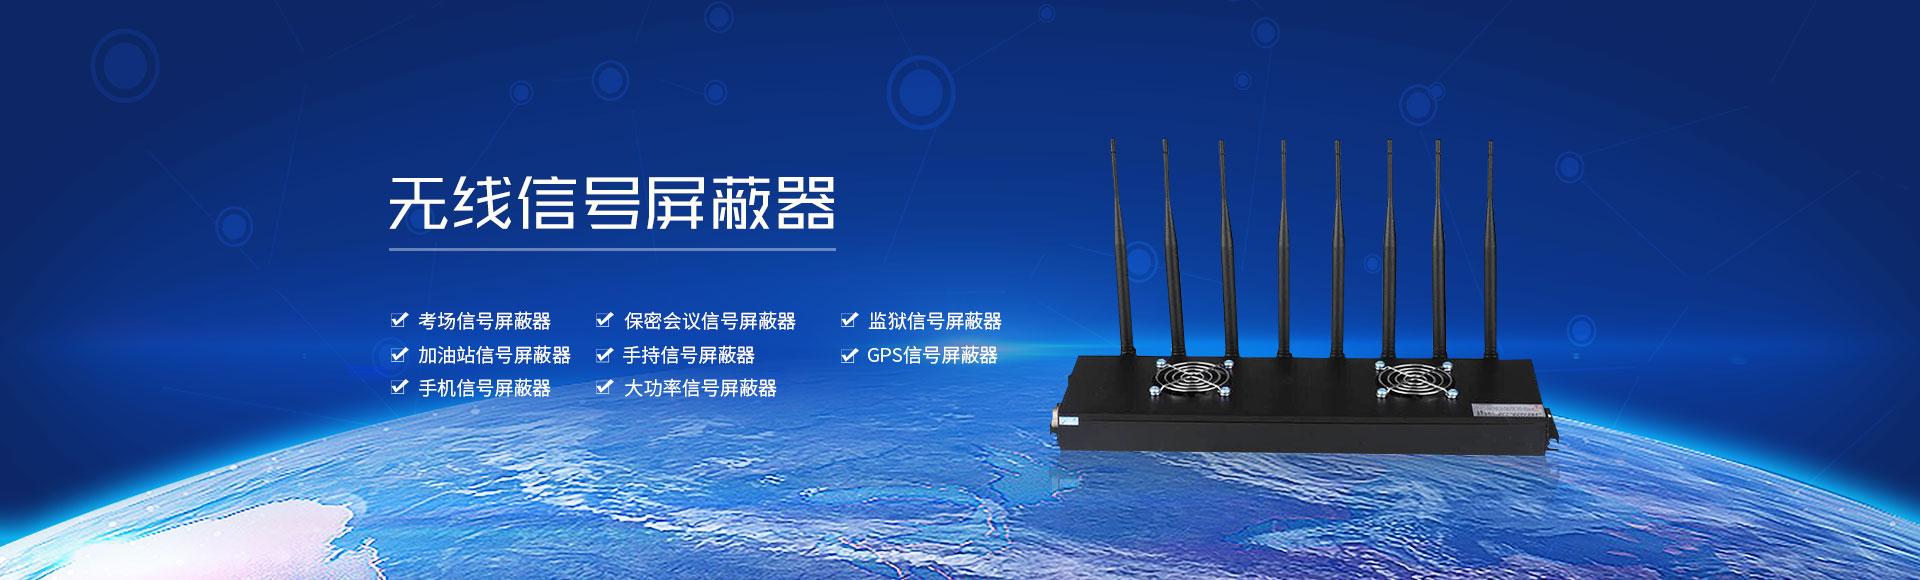 无线信号屏蔽器